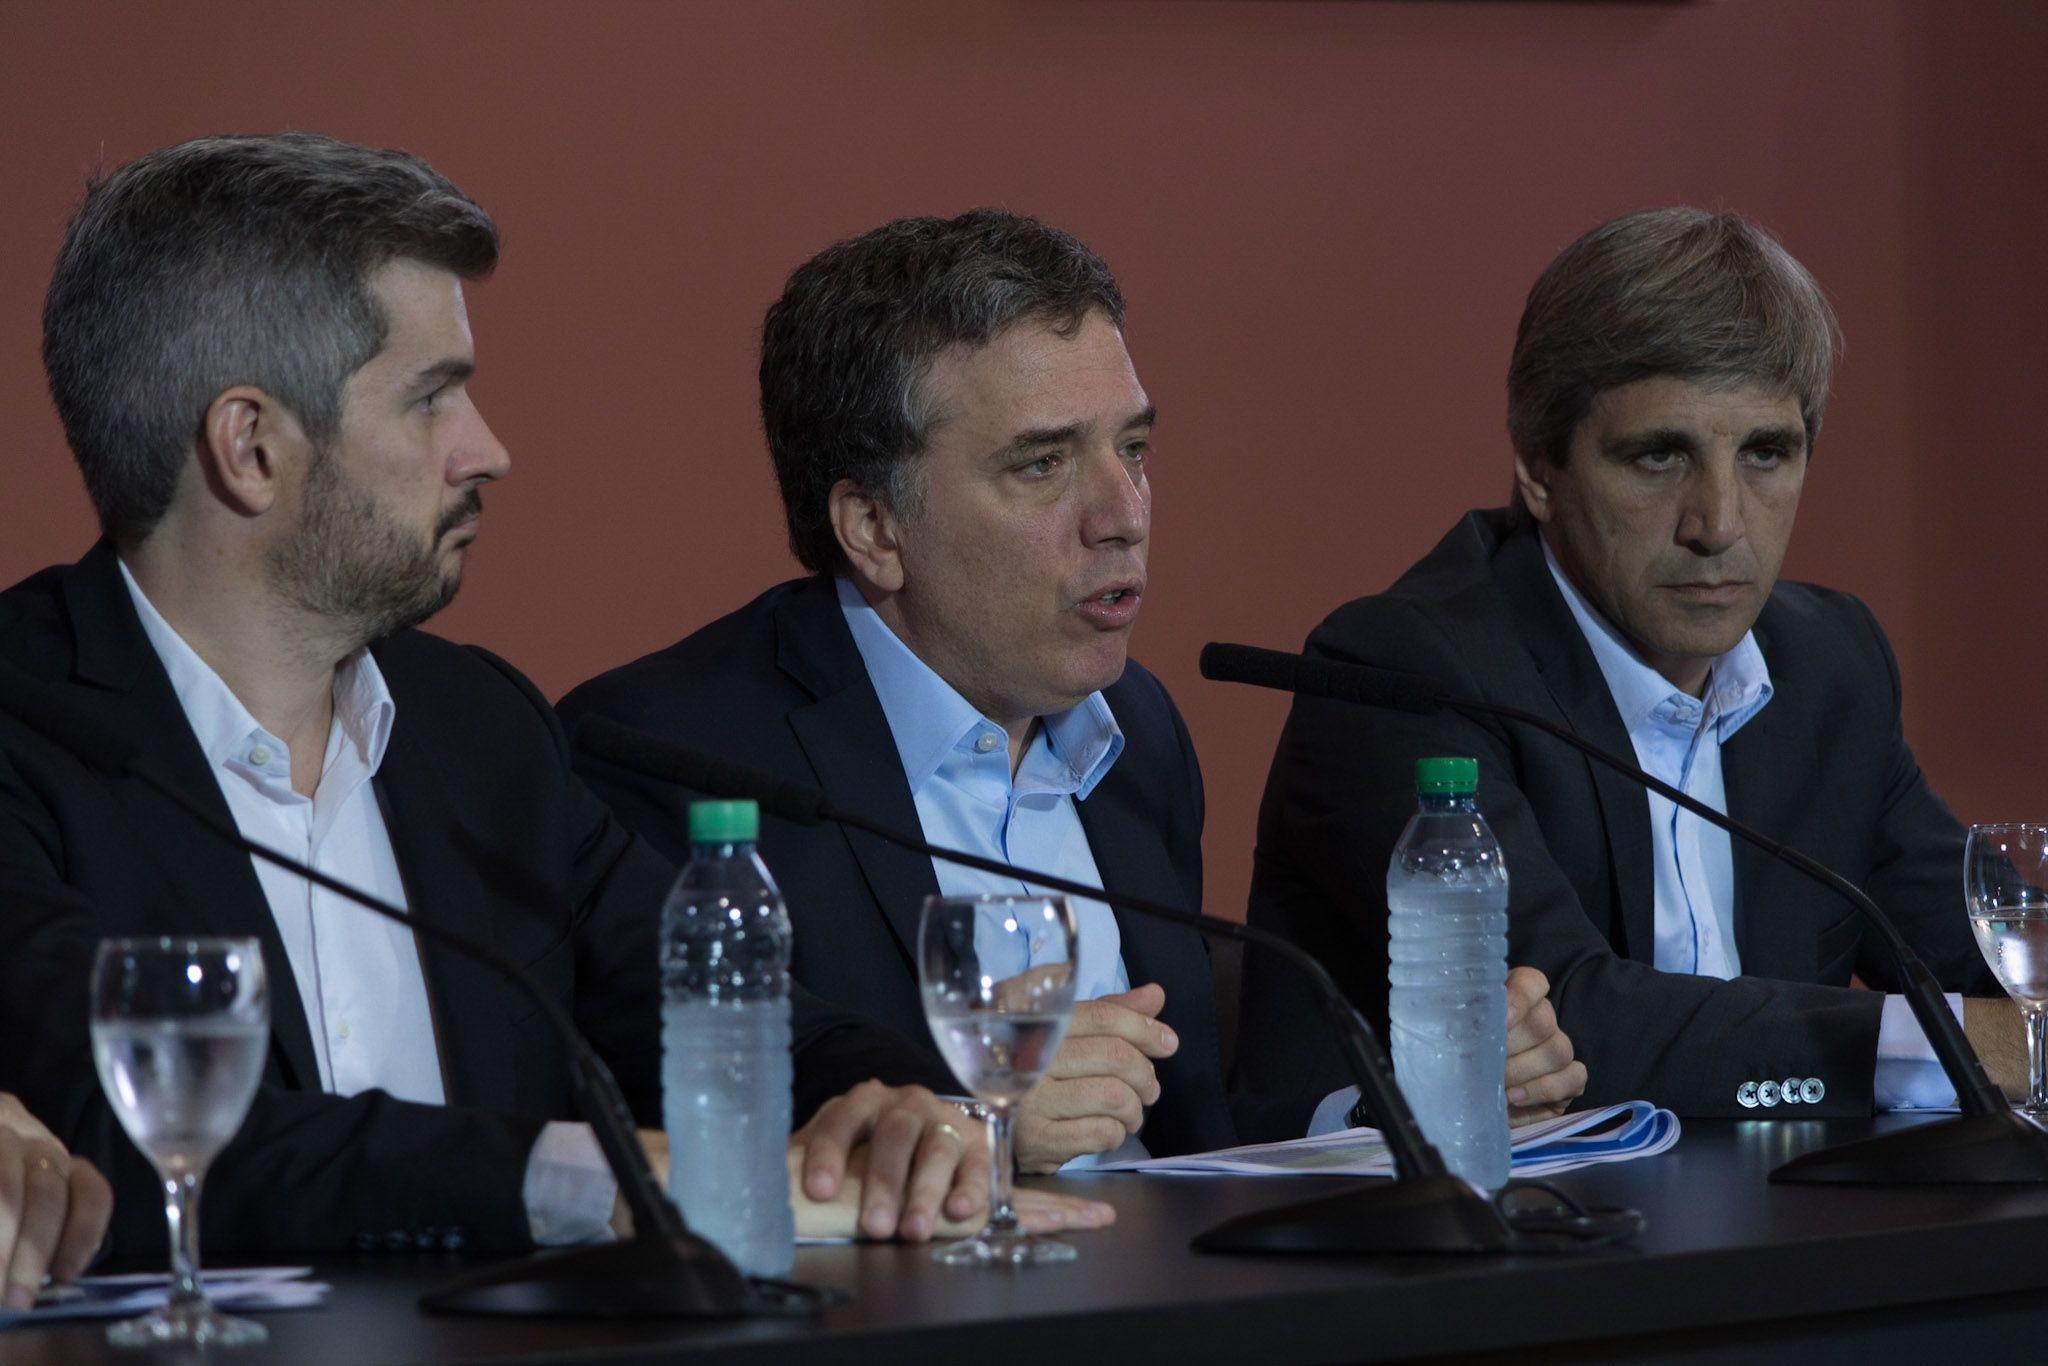 Inflación, dólar, créditos y reformas: la conferencia del equipo económico del Gobierno